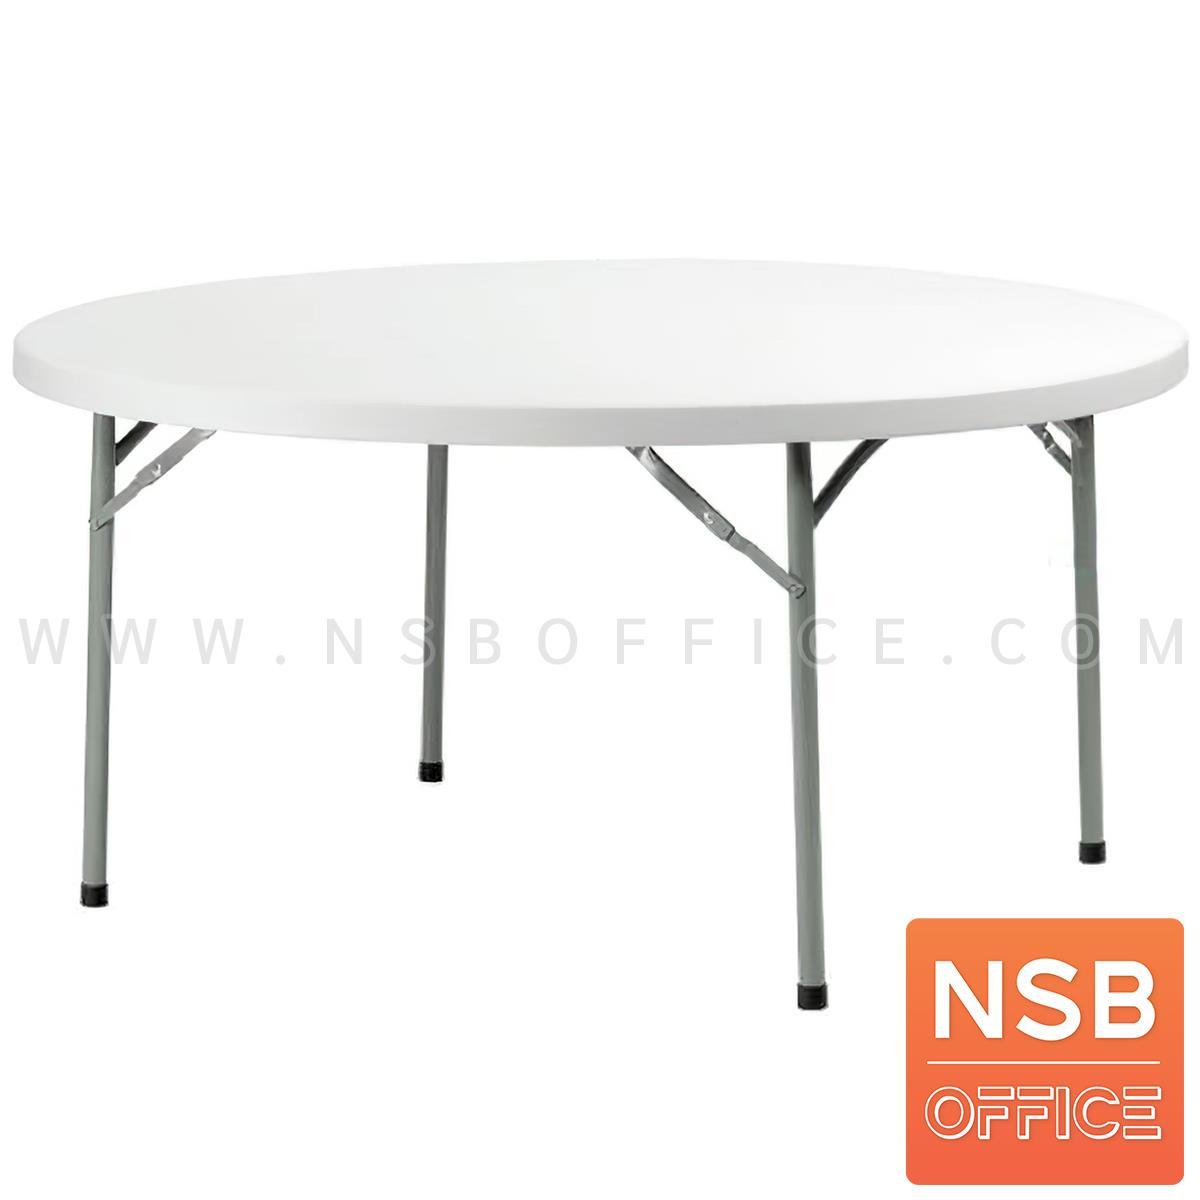 A07A085:โต๊ะพับหน้าพลาสติก รุ่น Mcflurry (แมคเฟลอร์รี) ขนาด 152W*74H cm. ขาเหล็ก